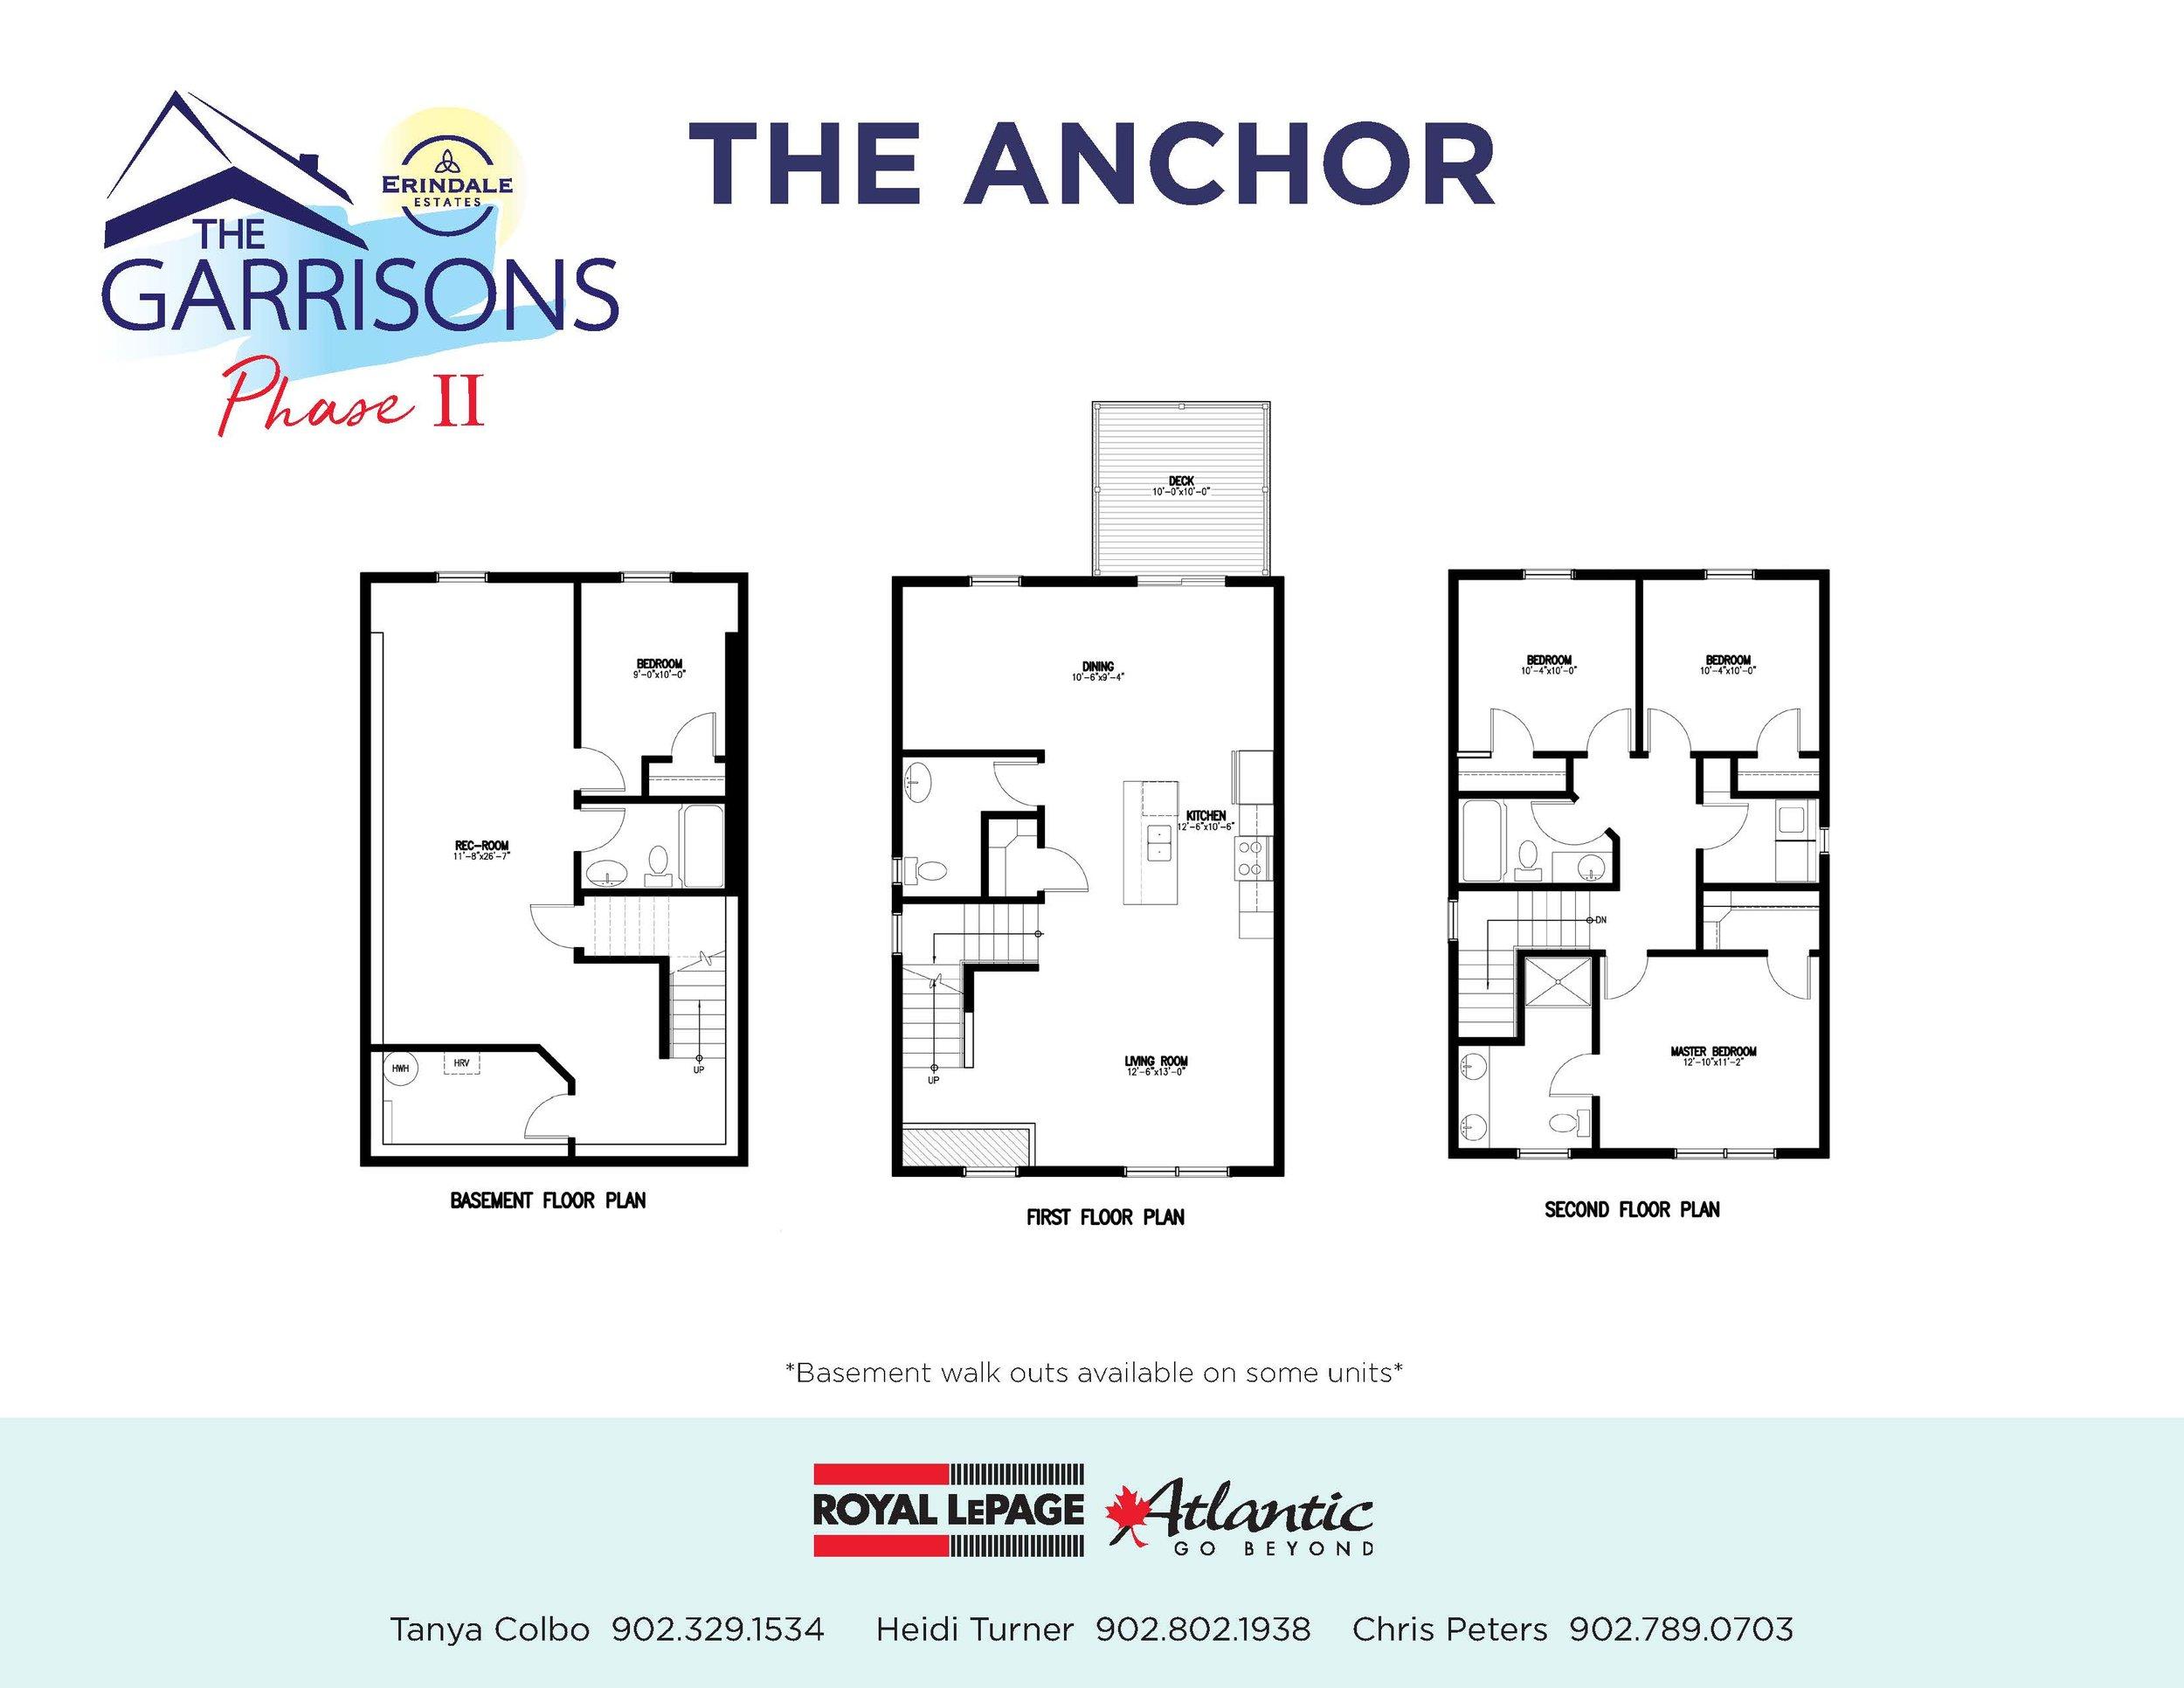 Garrison Floor Plans_Phase 2_The Anchor.jpg